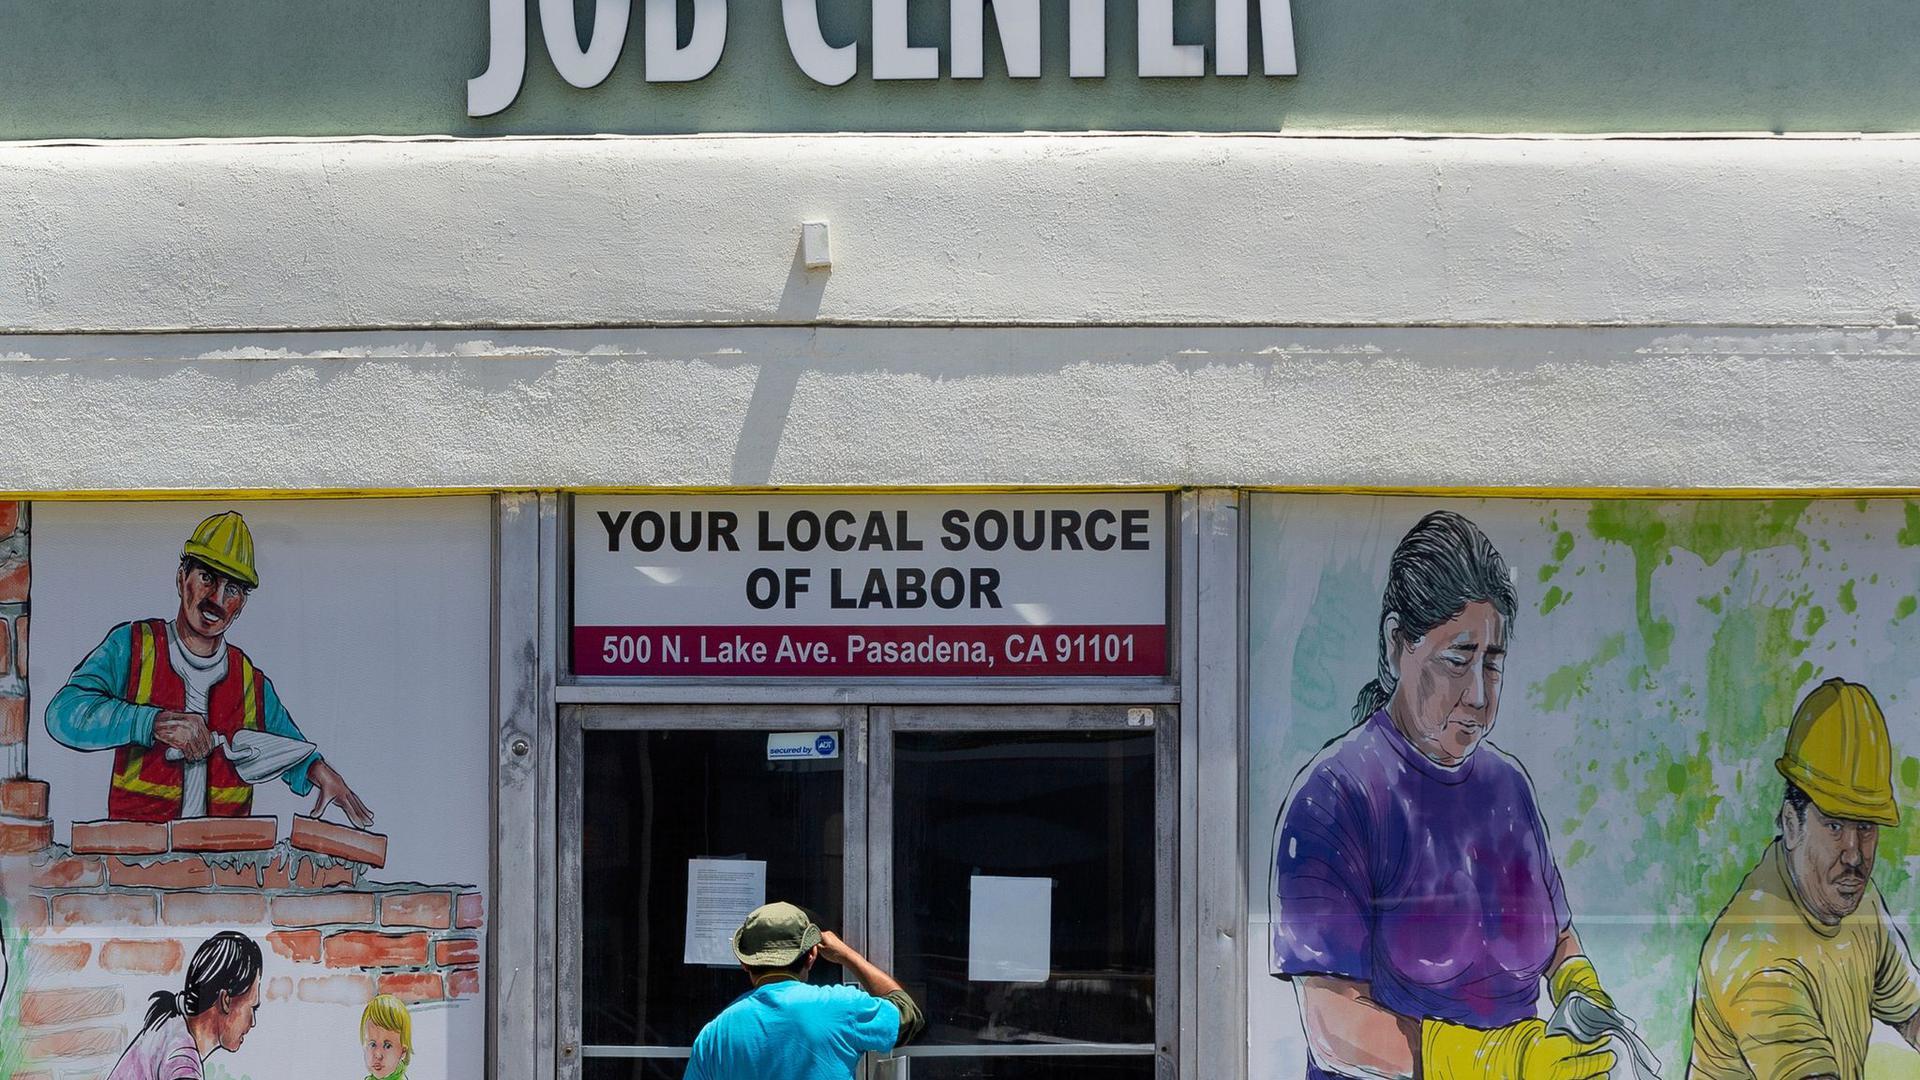 Die Erstanträge auf Arbeitslosenhilfe liegen in den USA nach wie vor über dem Niveau, das vor der Corona-Krise üblich war.